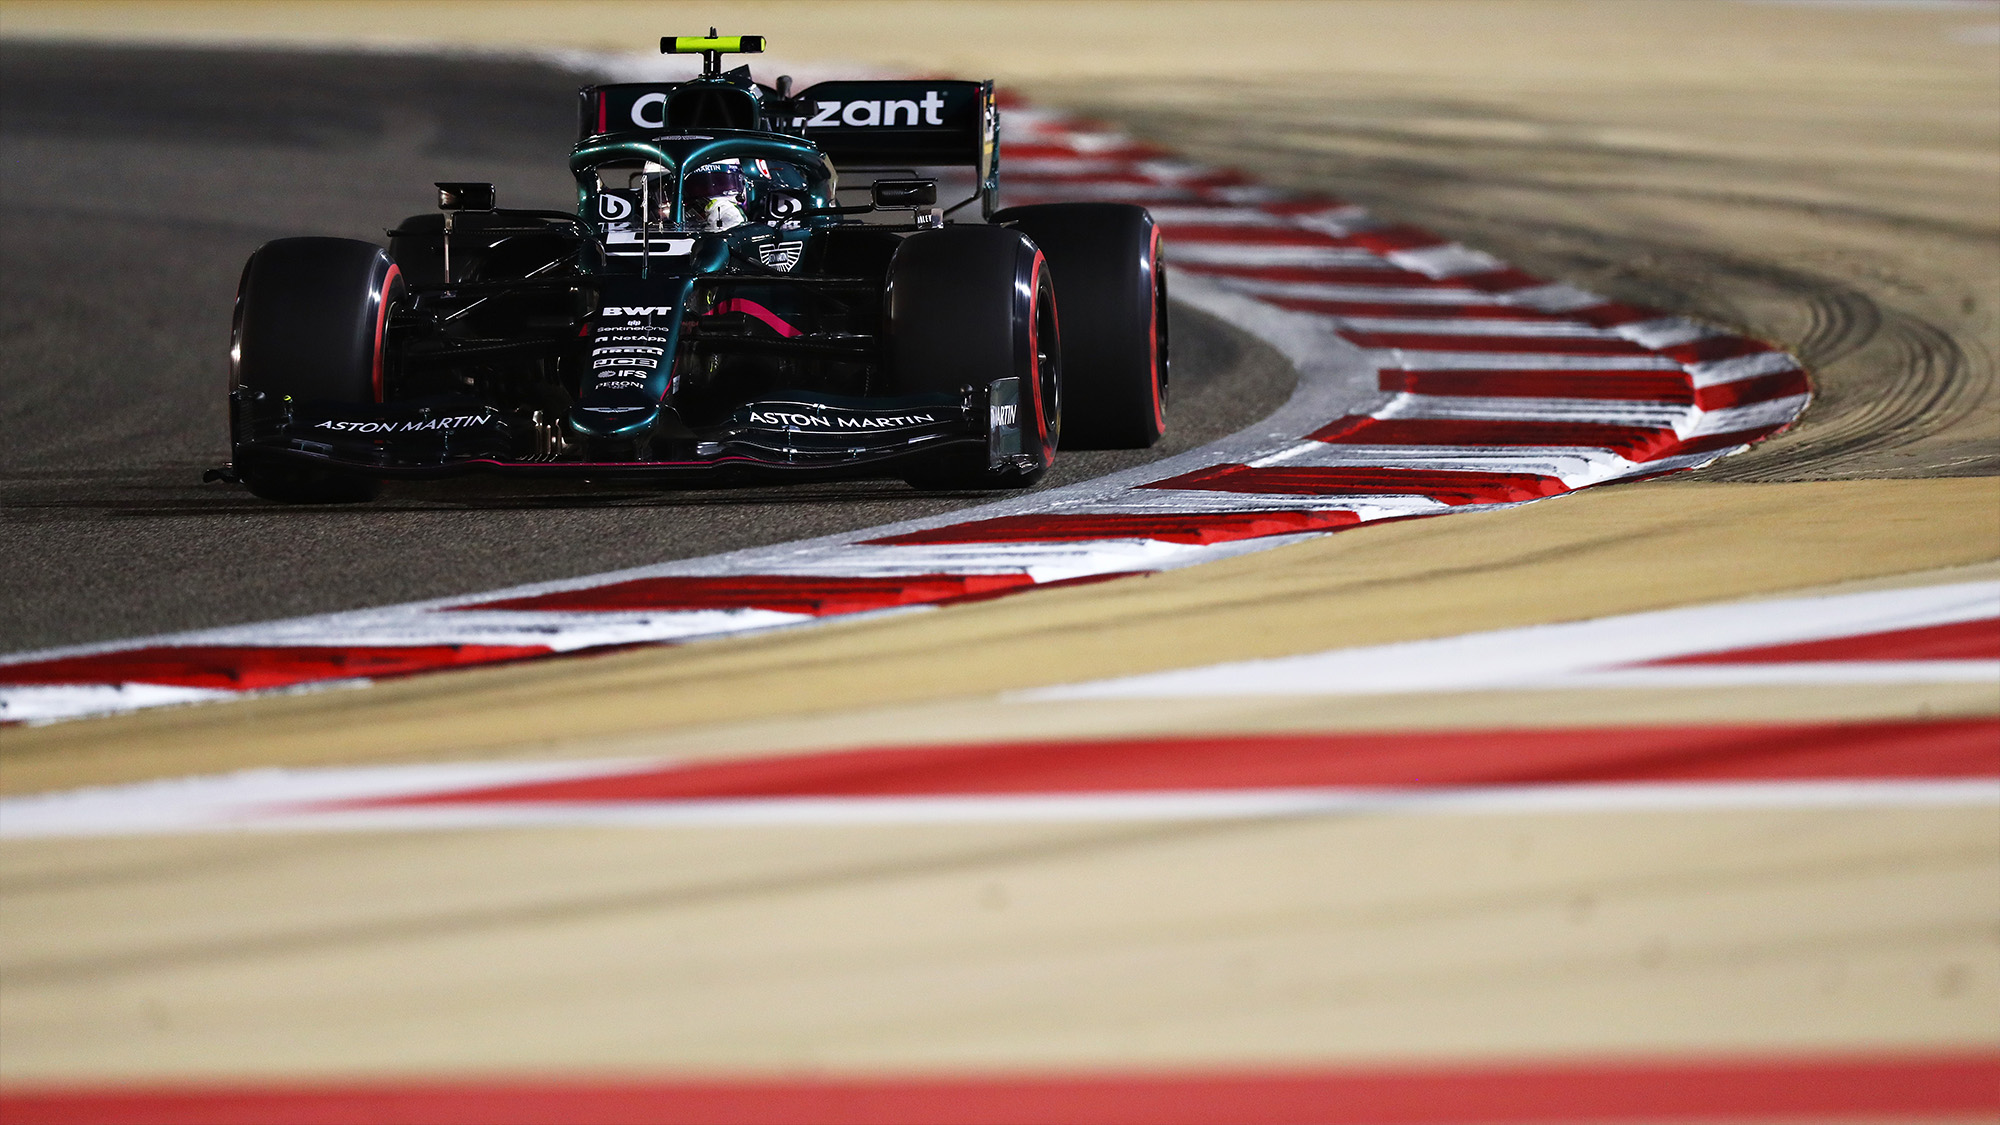 Sebastian Vettel in qualifying for the 2021 Bahrain Grand prix